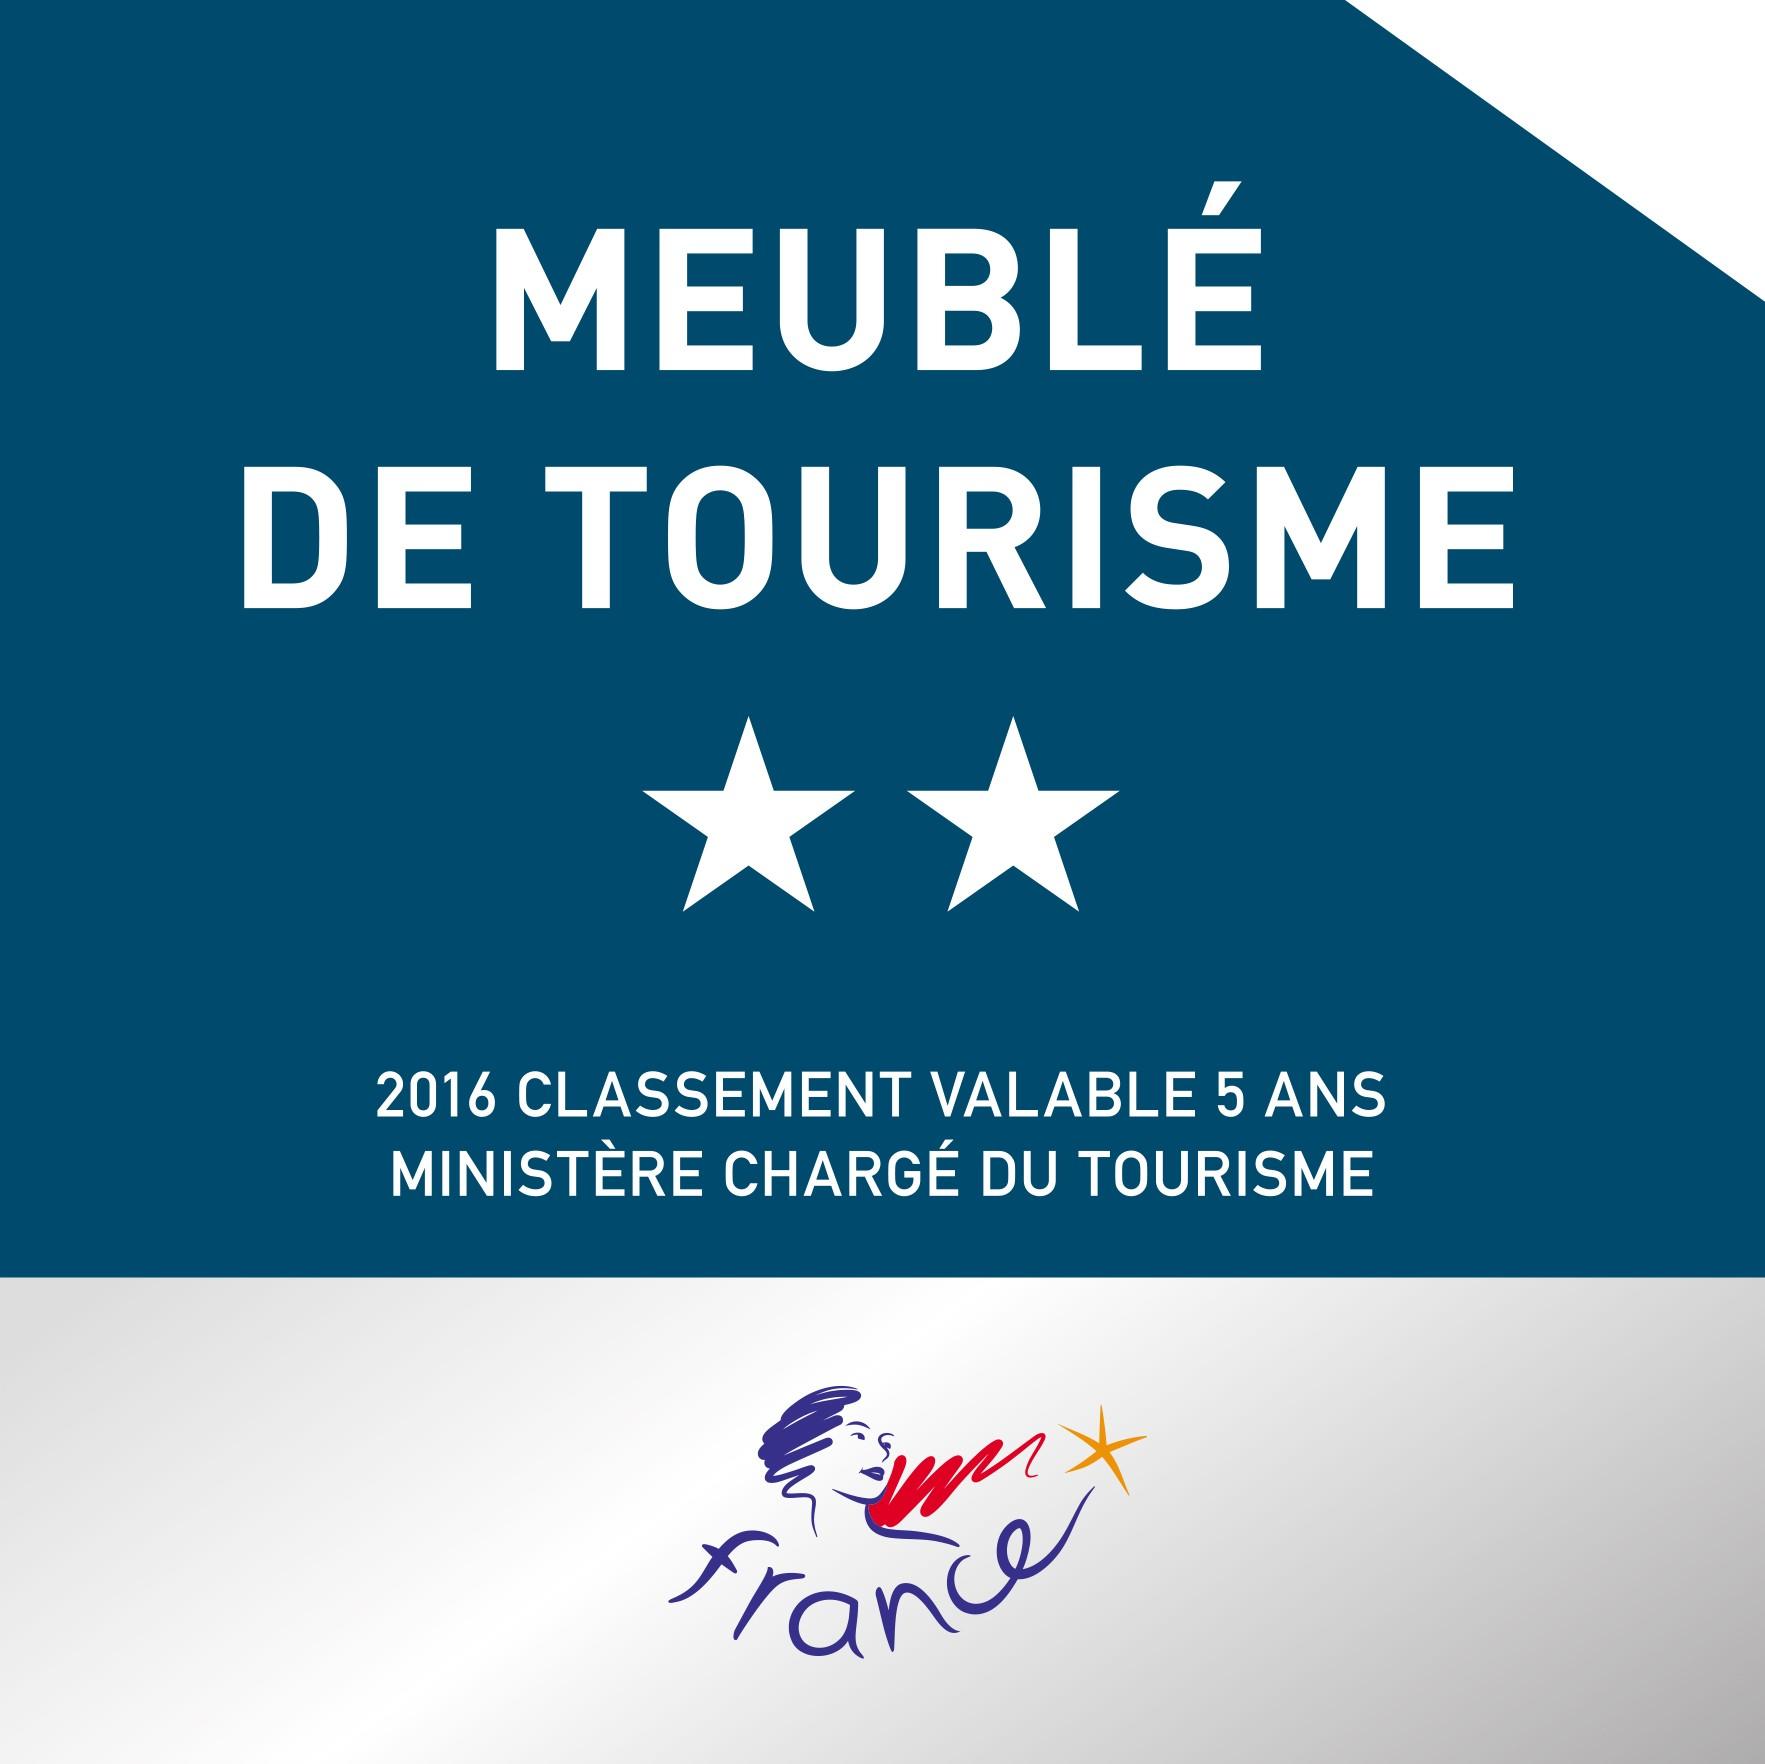 plaque-meuble-tourisme2-2016-v-11612